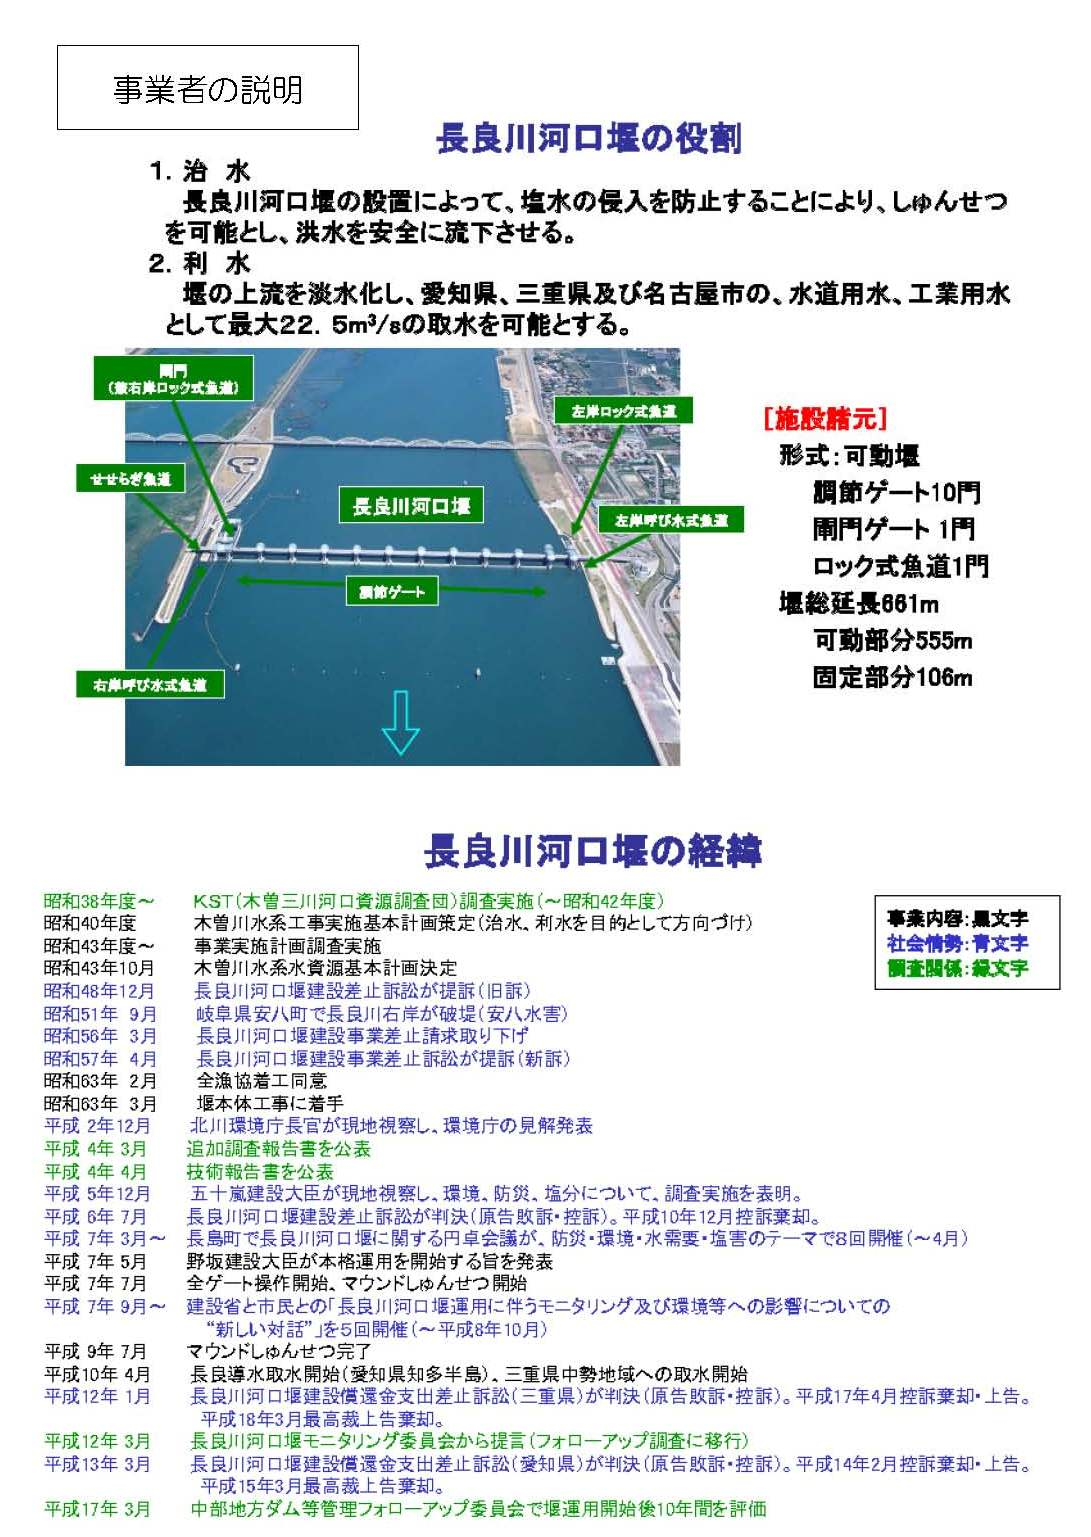 9月5日 現場学習会 「長良川河口堰開門は可能か?」-2_f0197754_13492840.jpg